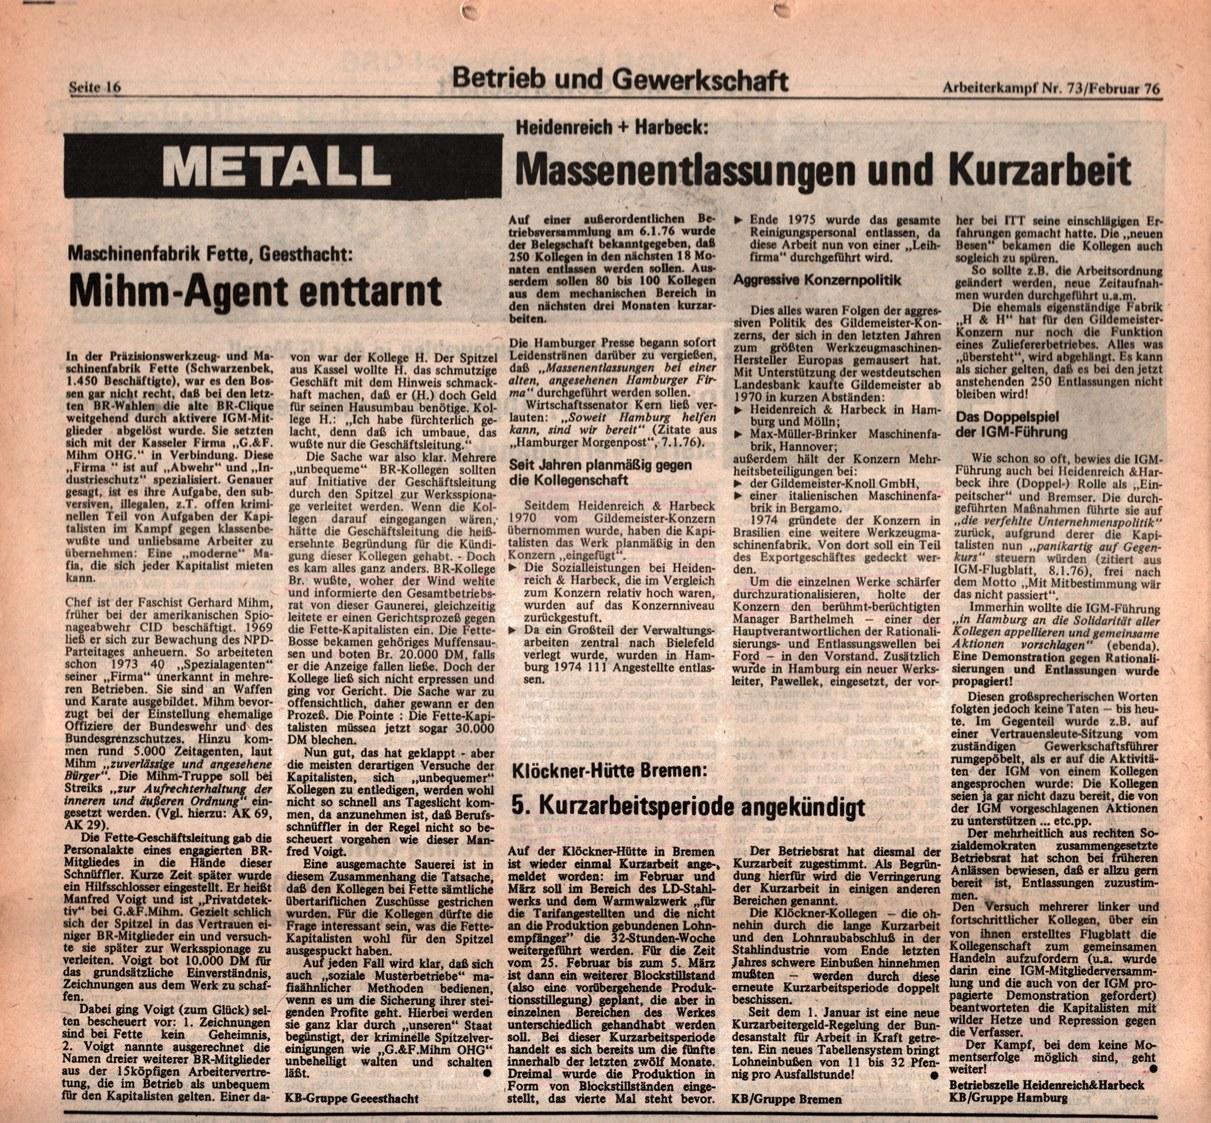 KB_AK_1976_073_029